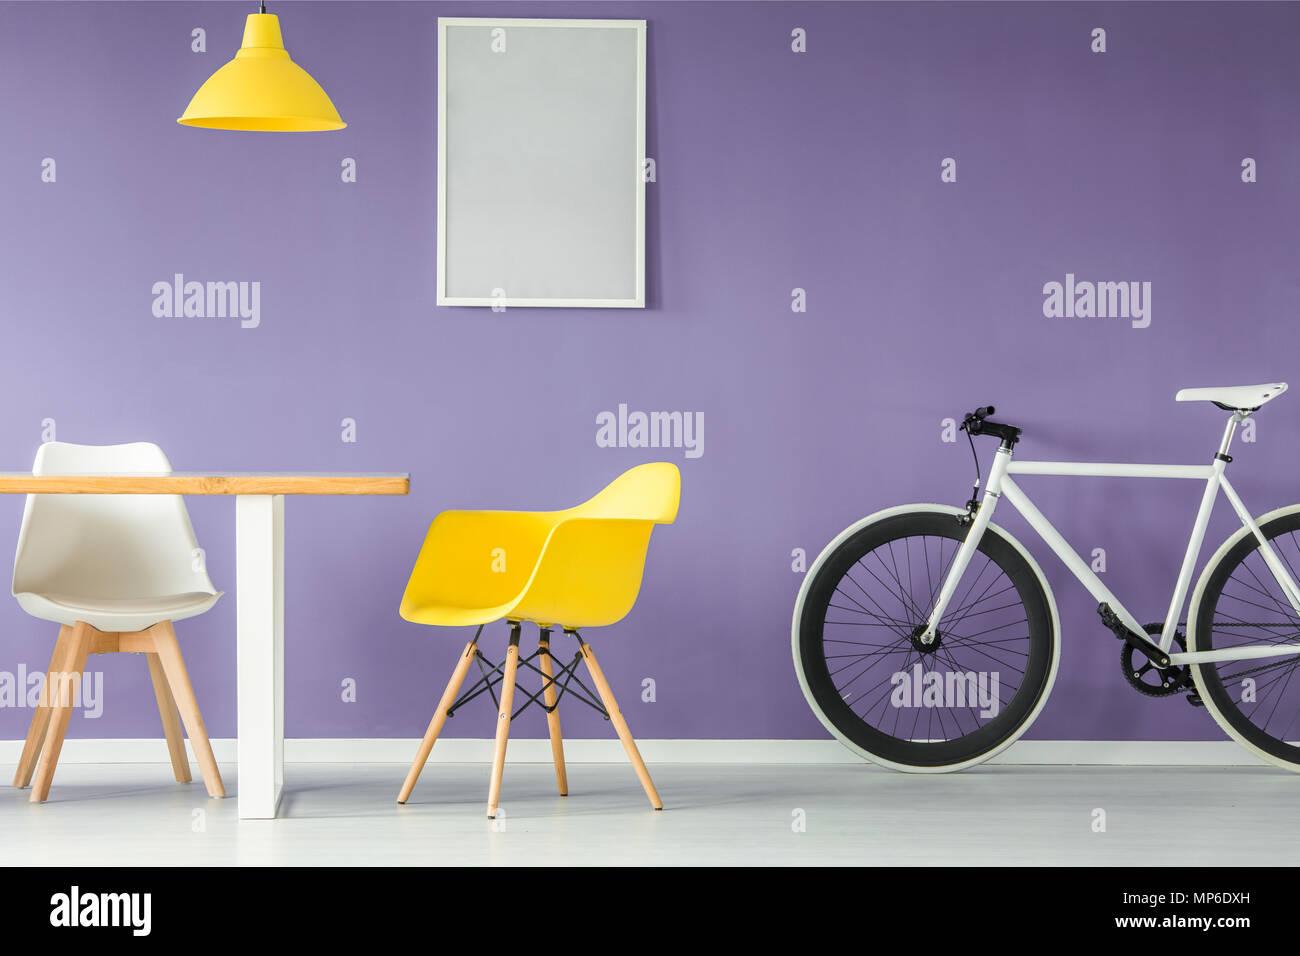 Minime, un intérieur moderne à une chaire blanche et jaune, un vélo, une table vide et une lampe jaune fond violet contre mur avec une maquette Photo Stock